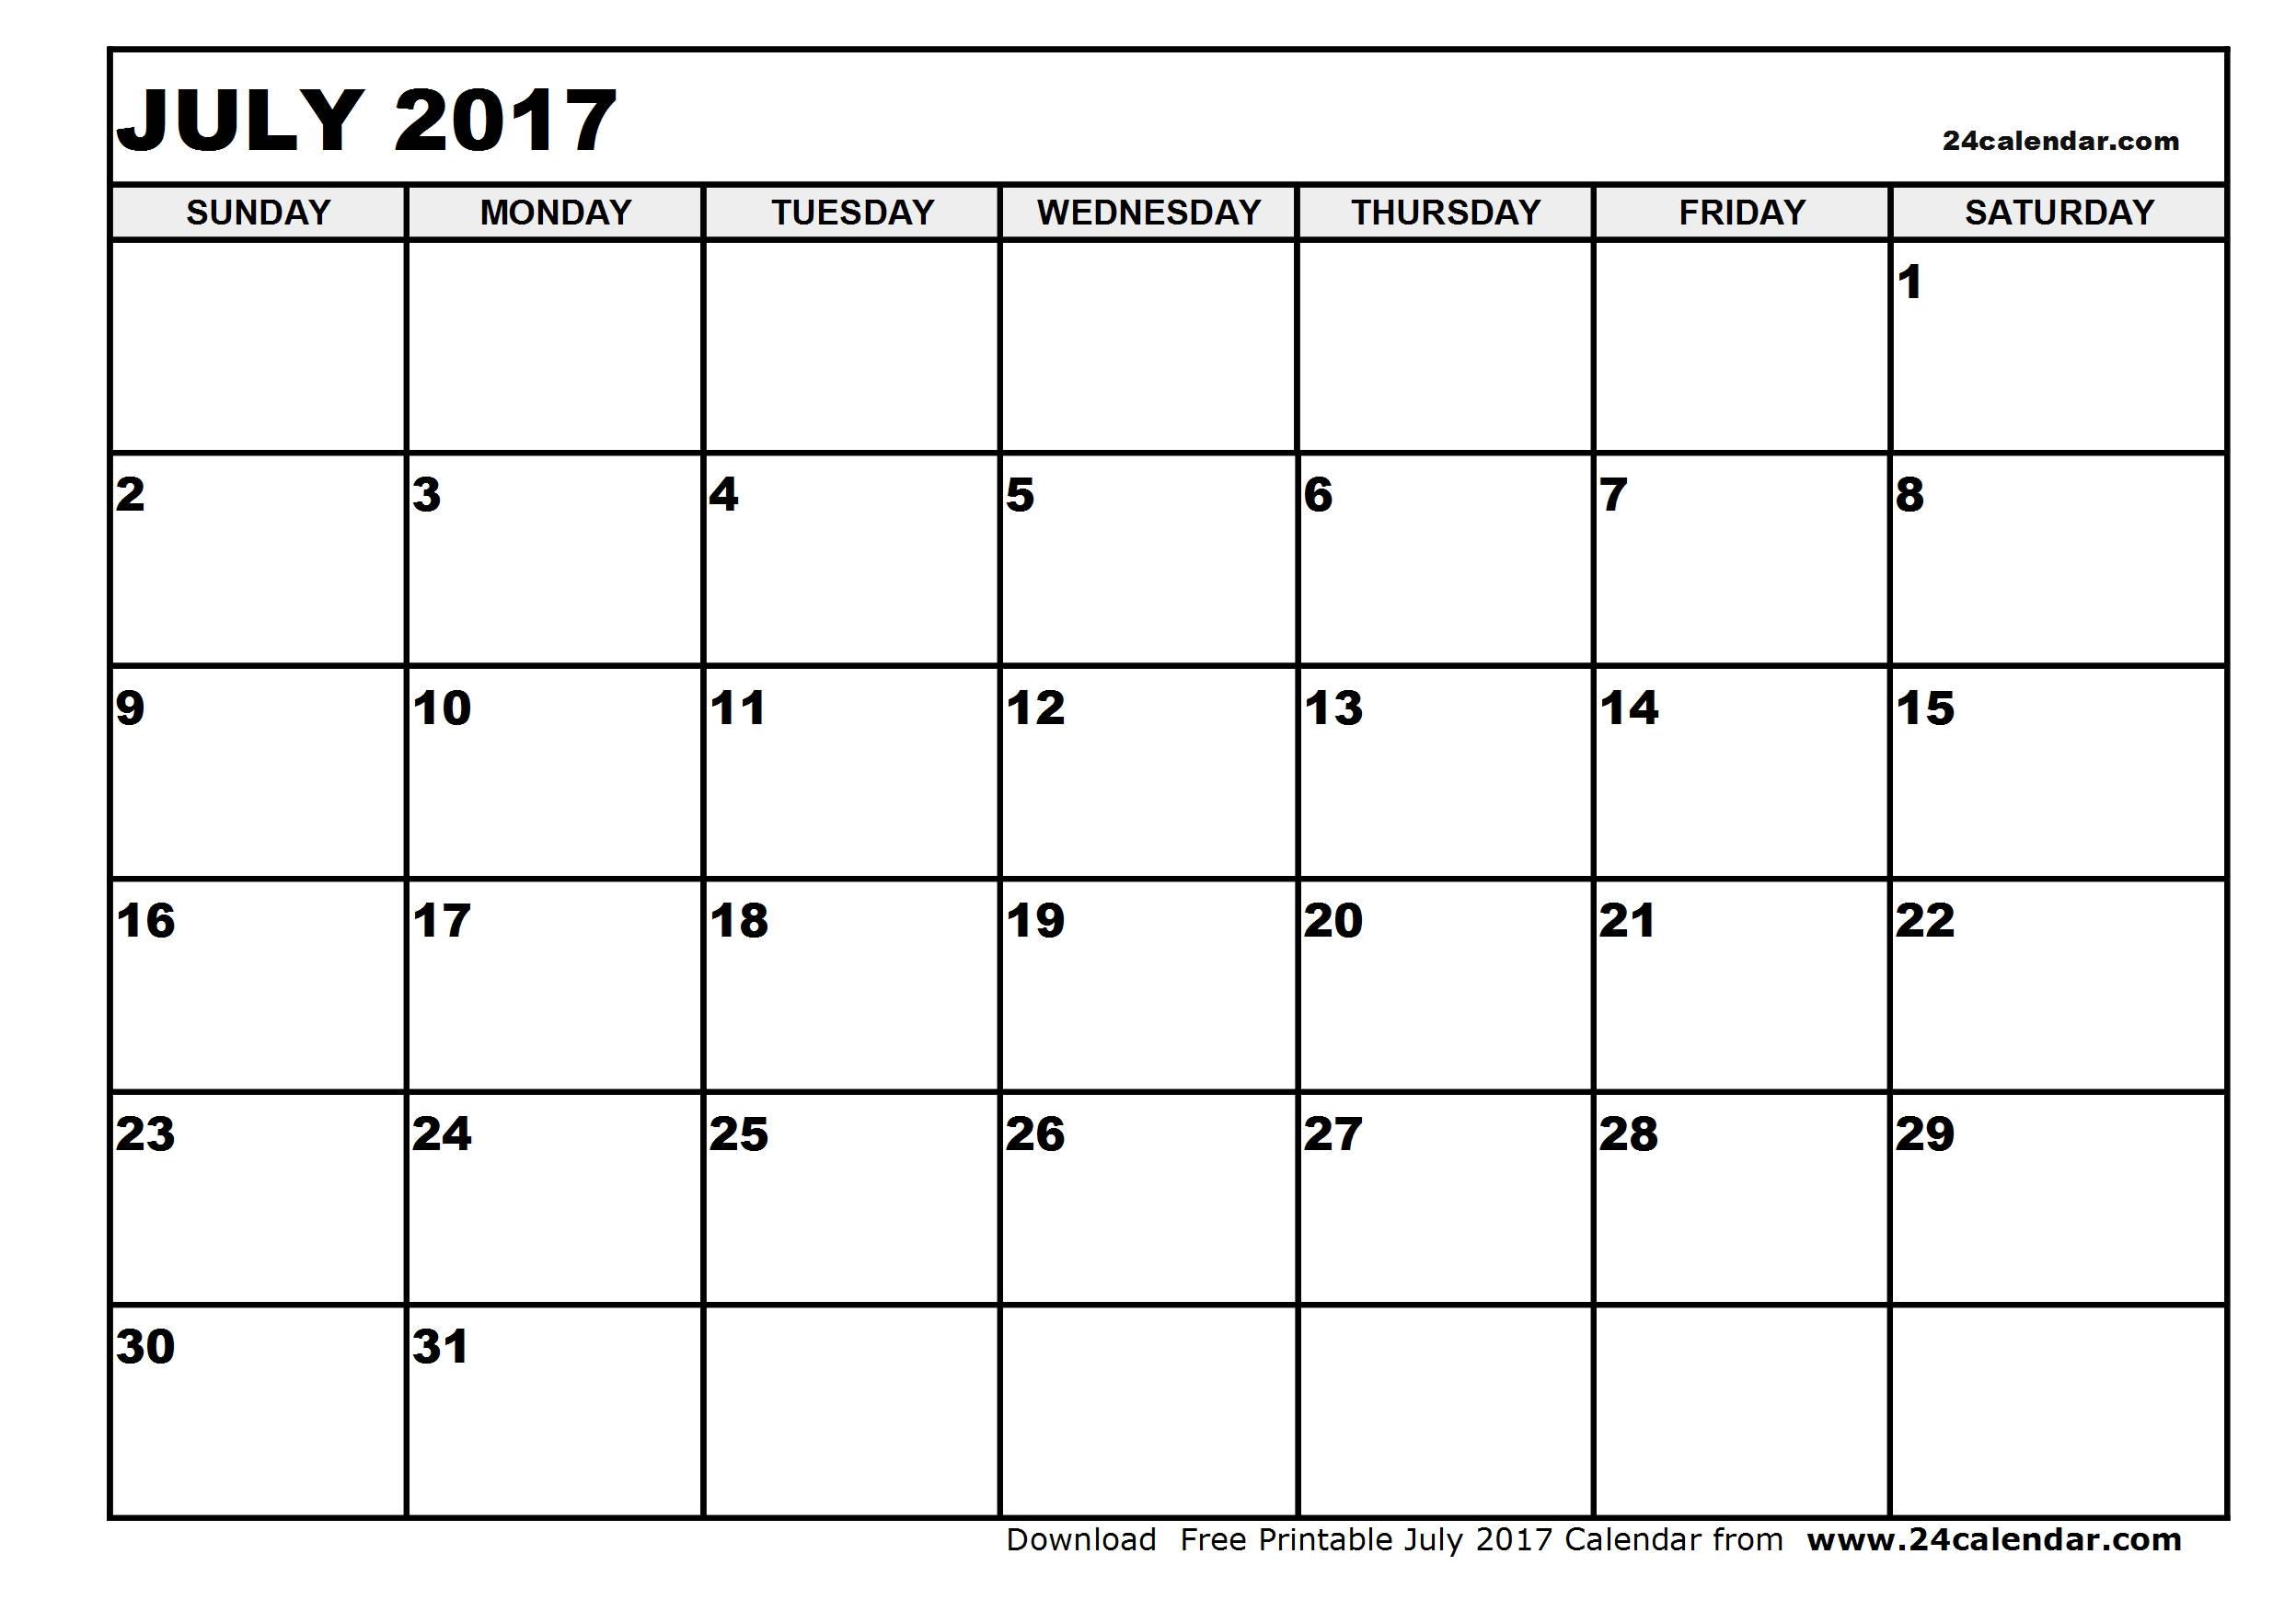 Blank July 2017 Calendar in Printable format.